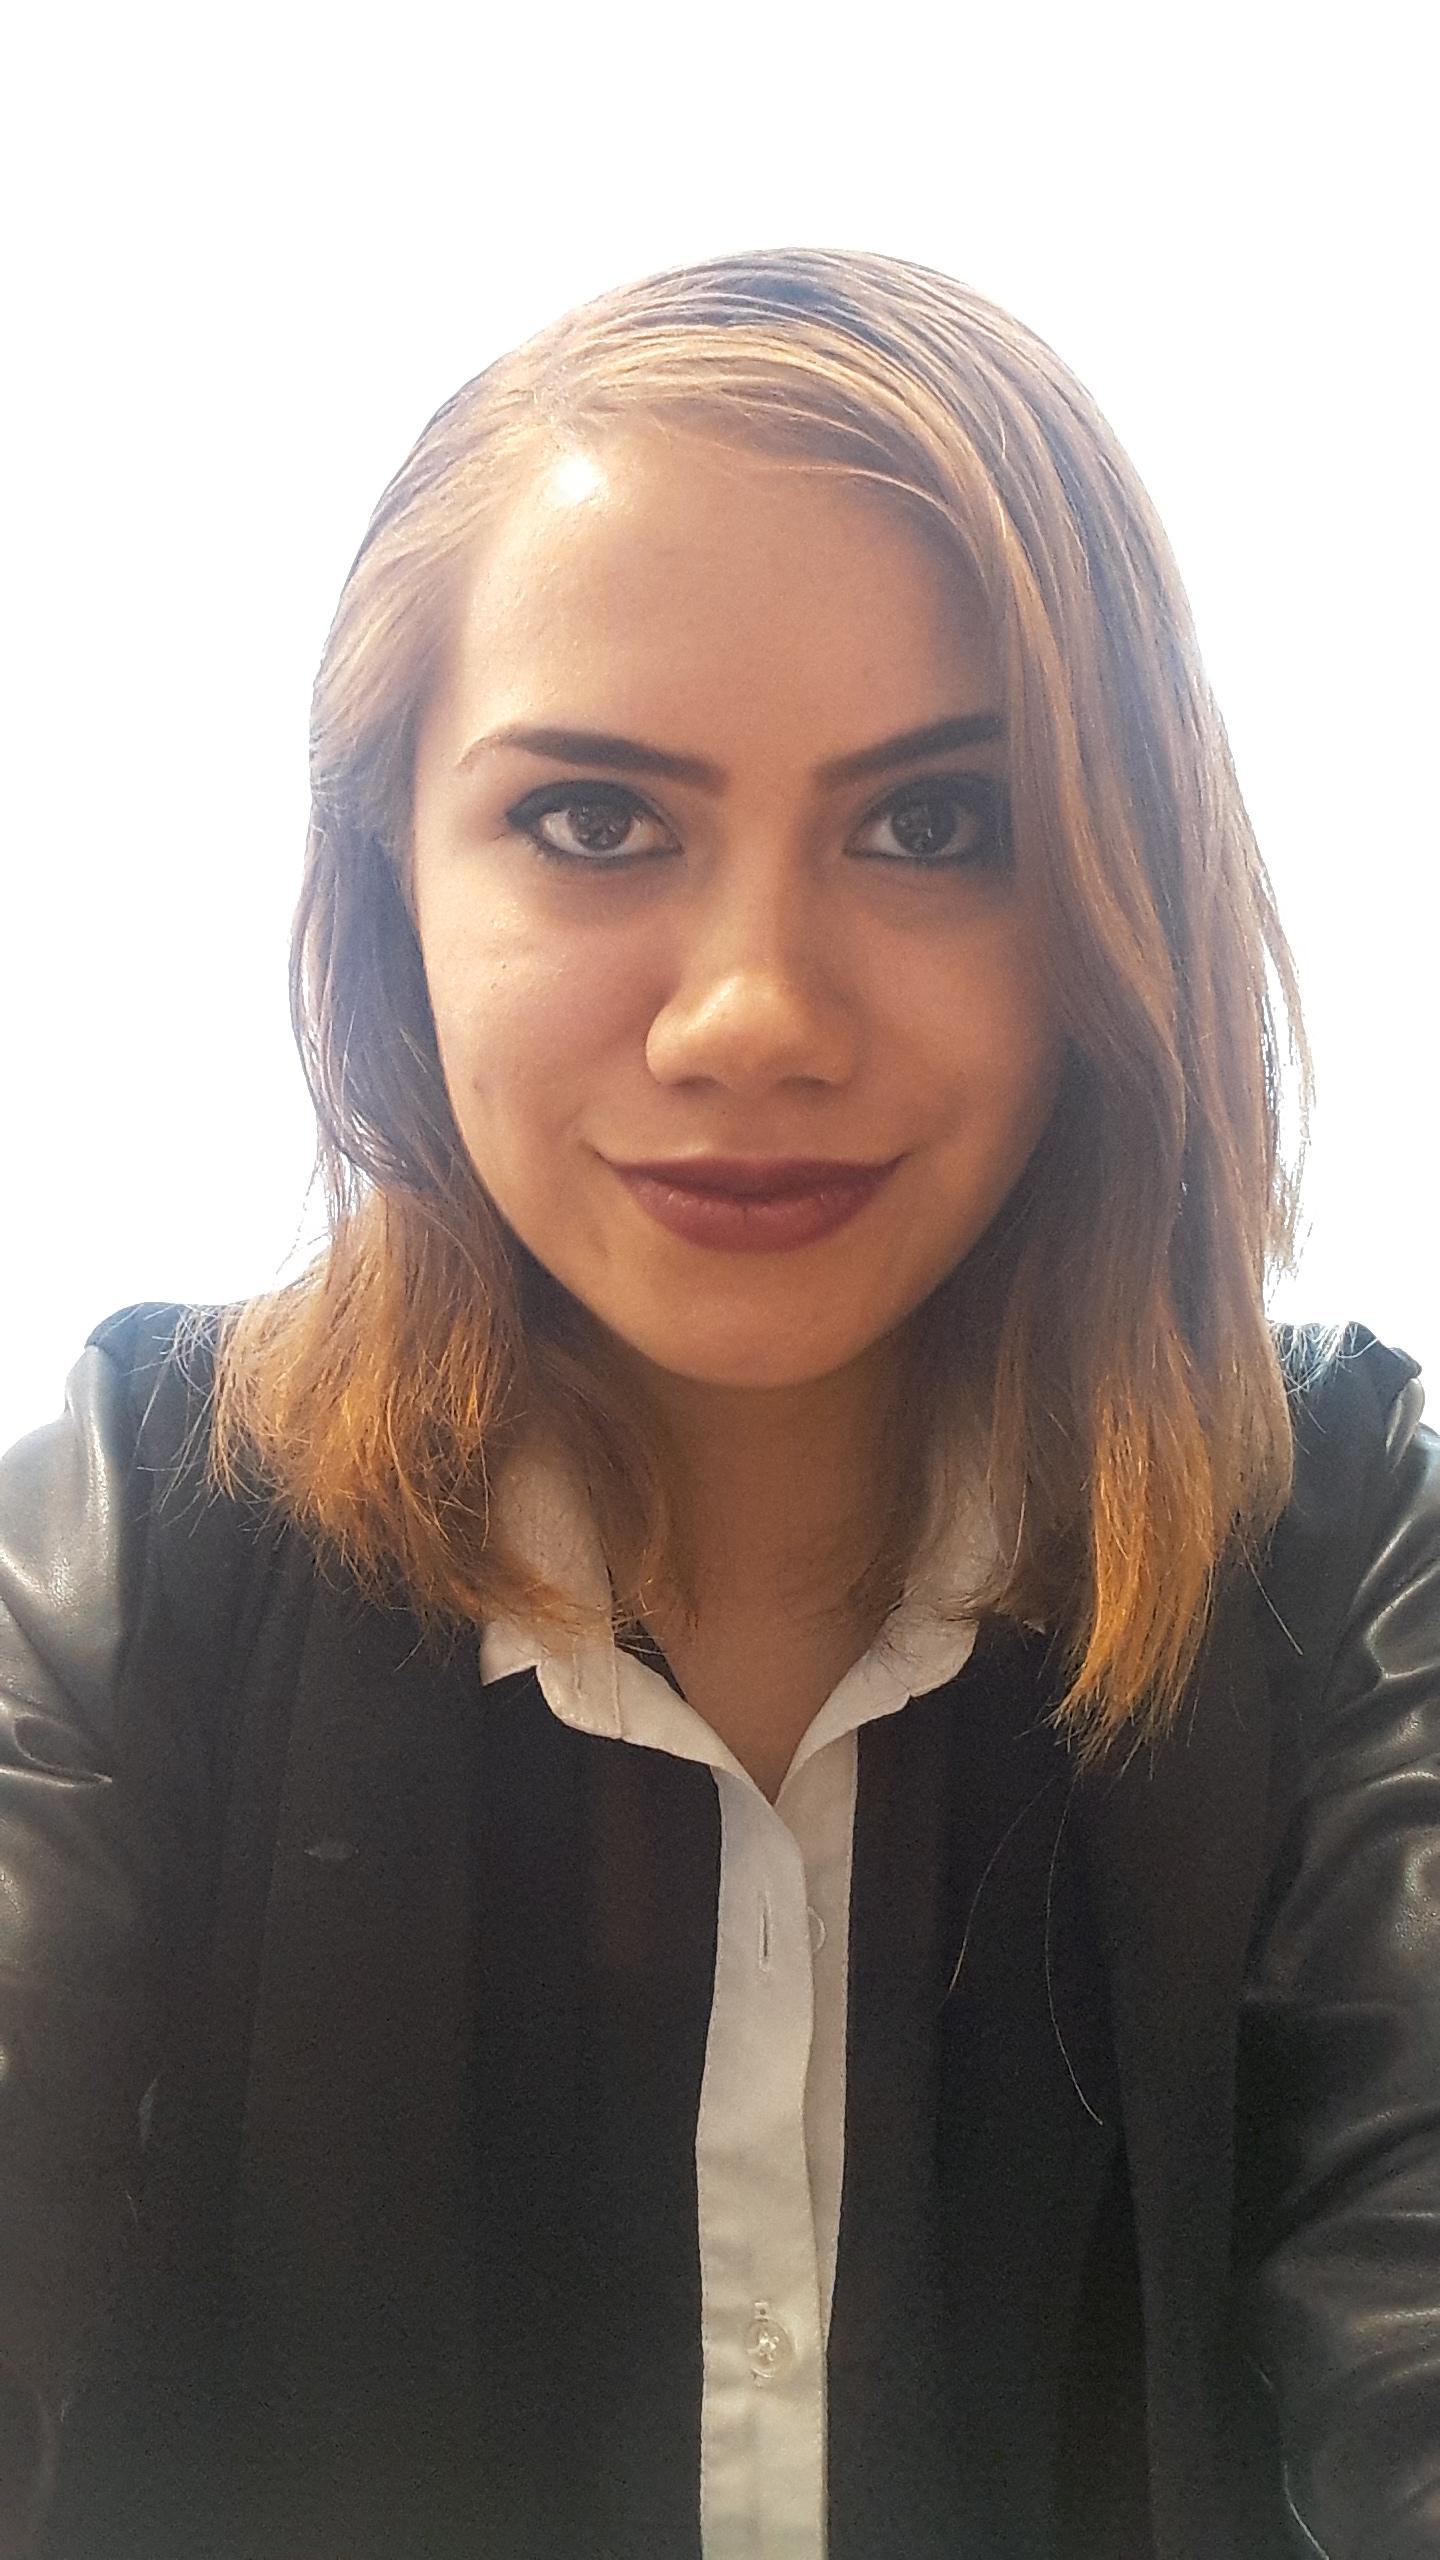 Perfil de Tania Nayely Serrano Mendoza